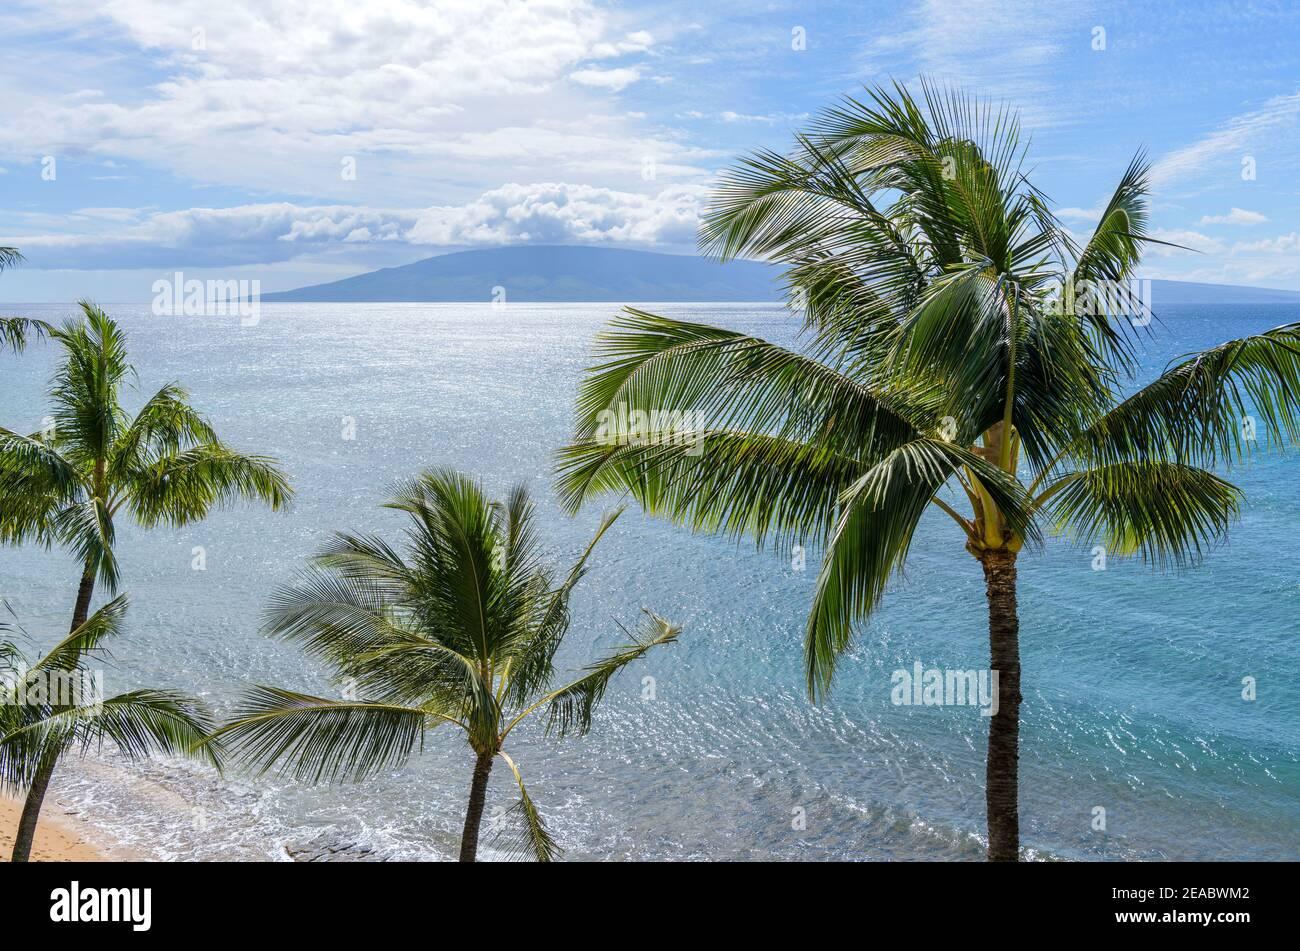 Isola tropicale - una giornata di sole luminoso sulla costa nord-occidentale dell'isola di Maui, con l'isola di Lanai all'orizzonte. Maui, Hawaii, Stati Uniti. Foto Stock